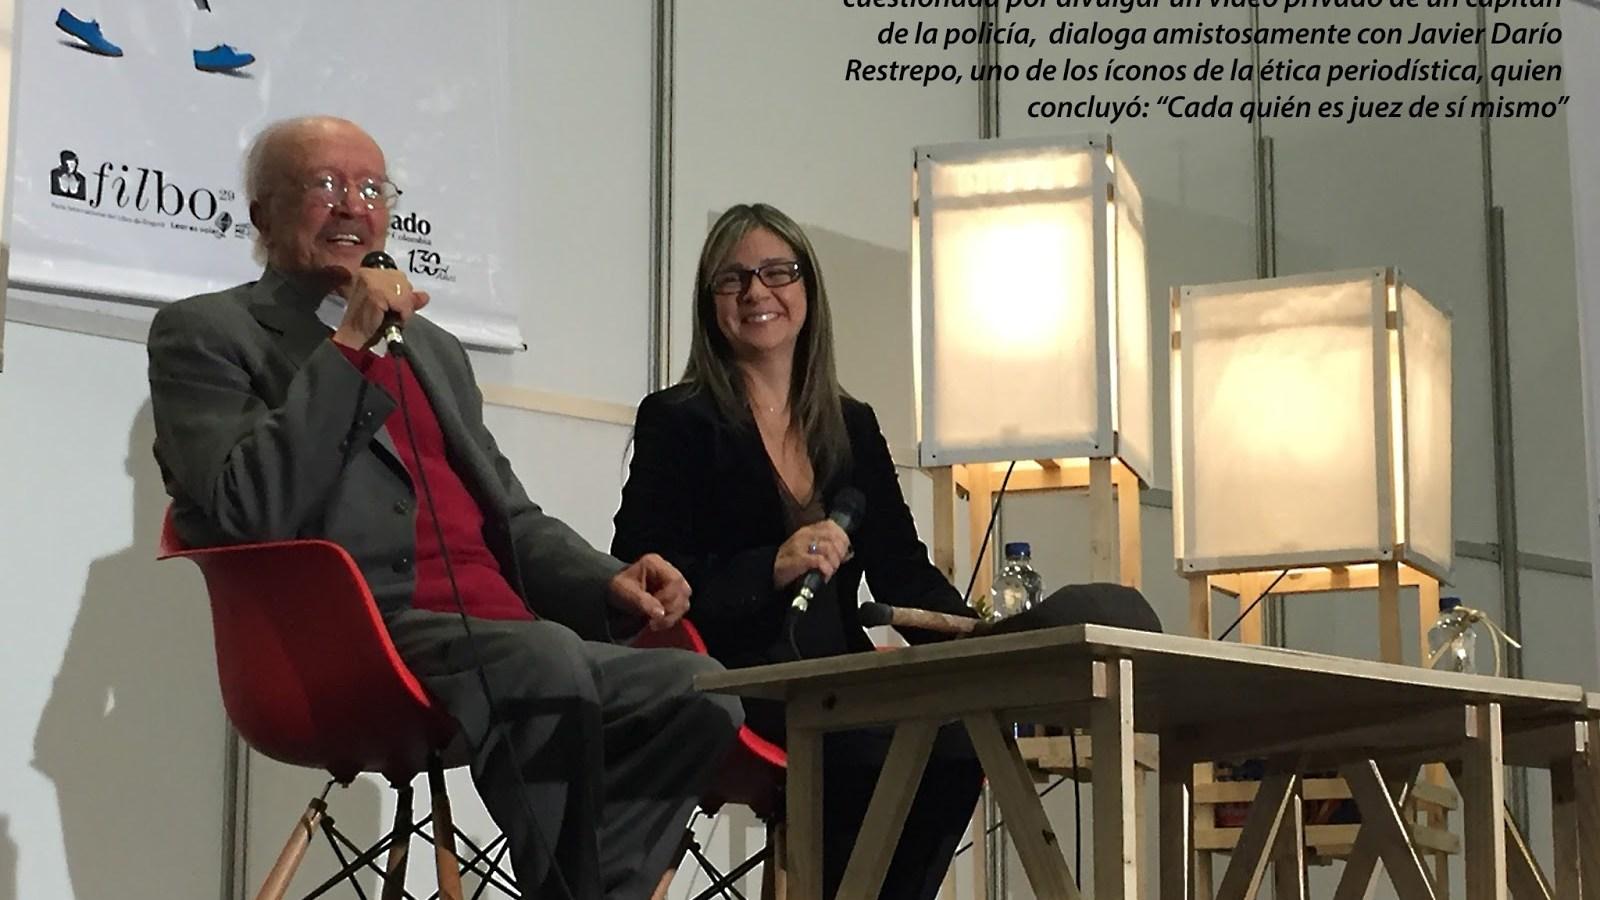 Javier Darío Restrepo y Vicky Dávila